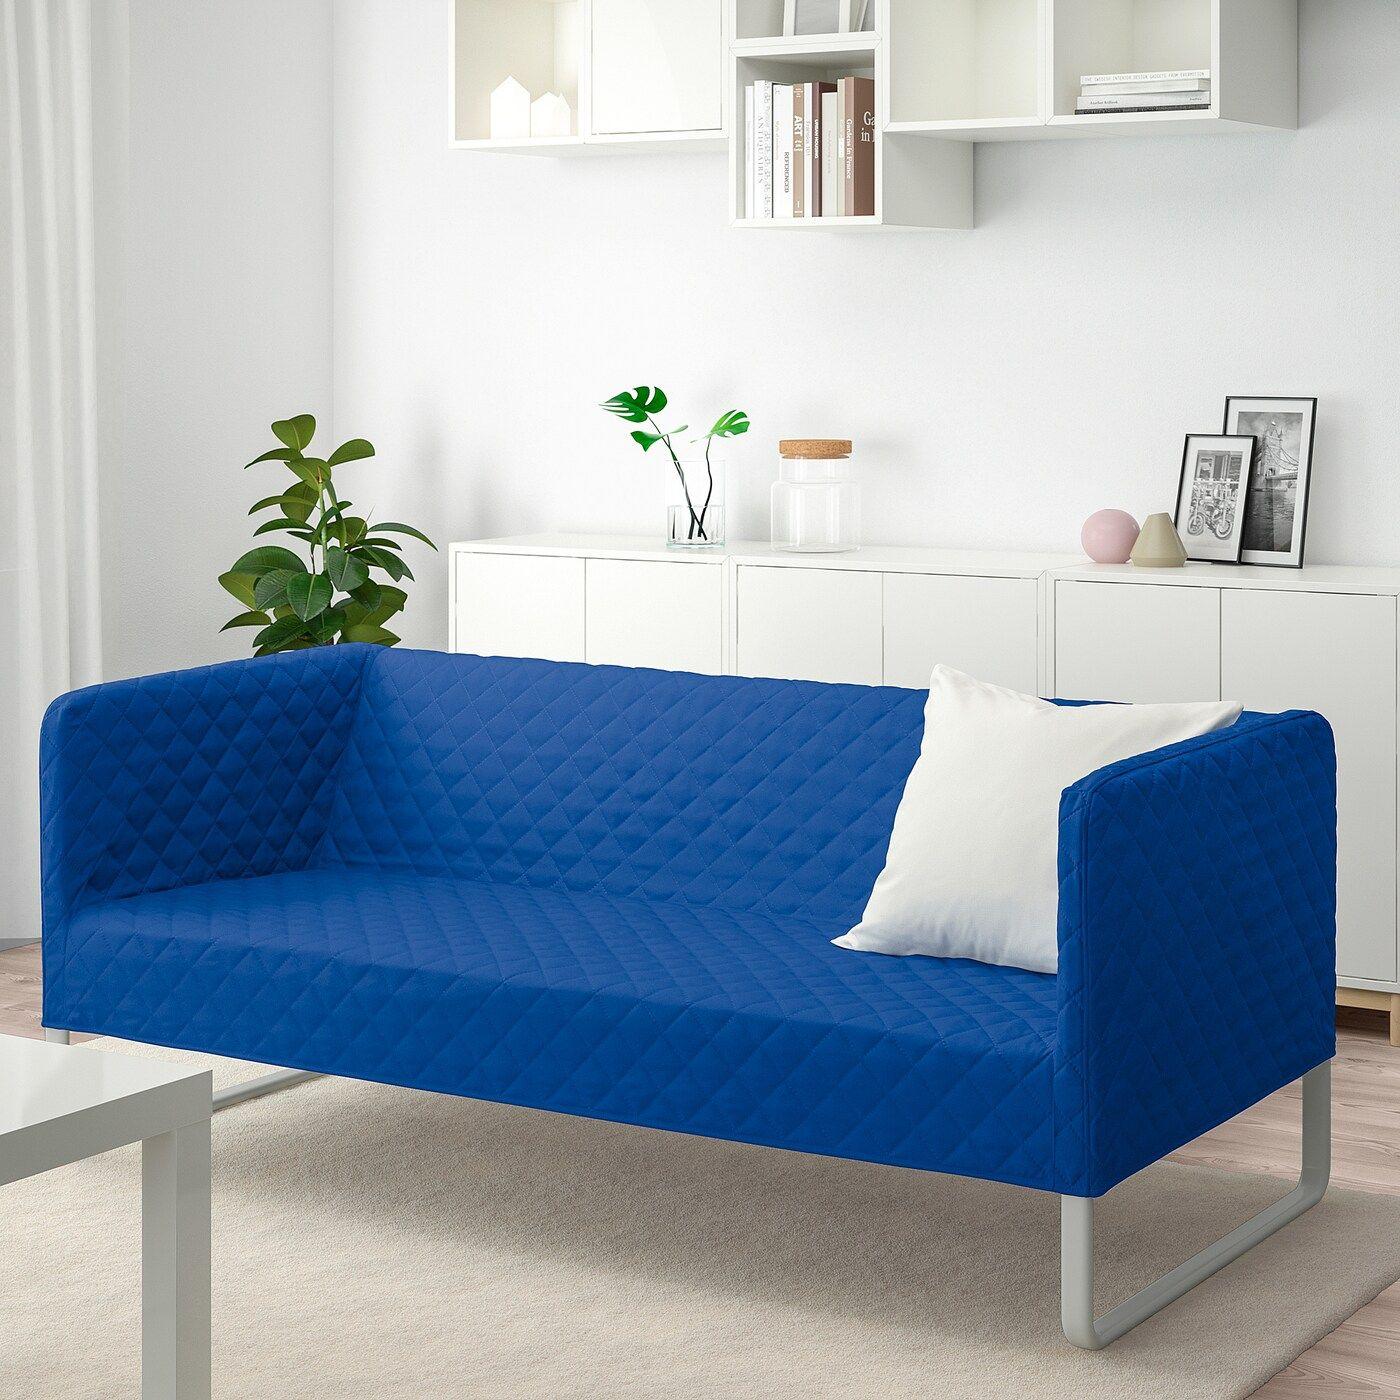 Knopparp Sofa Knisa Bright Blue In 2020 Sofa Small Sofa